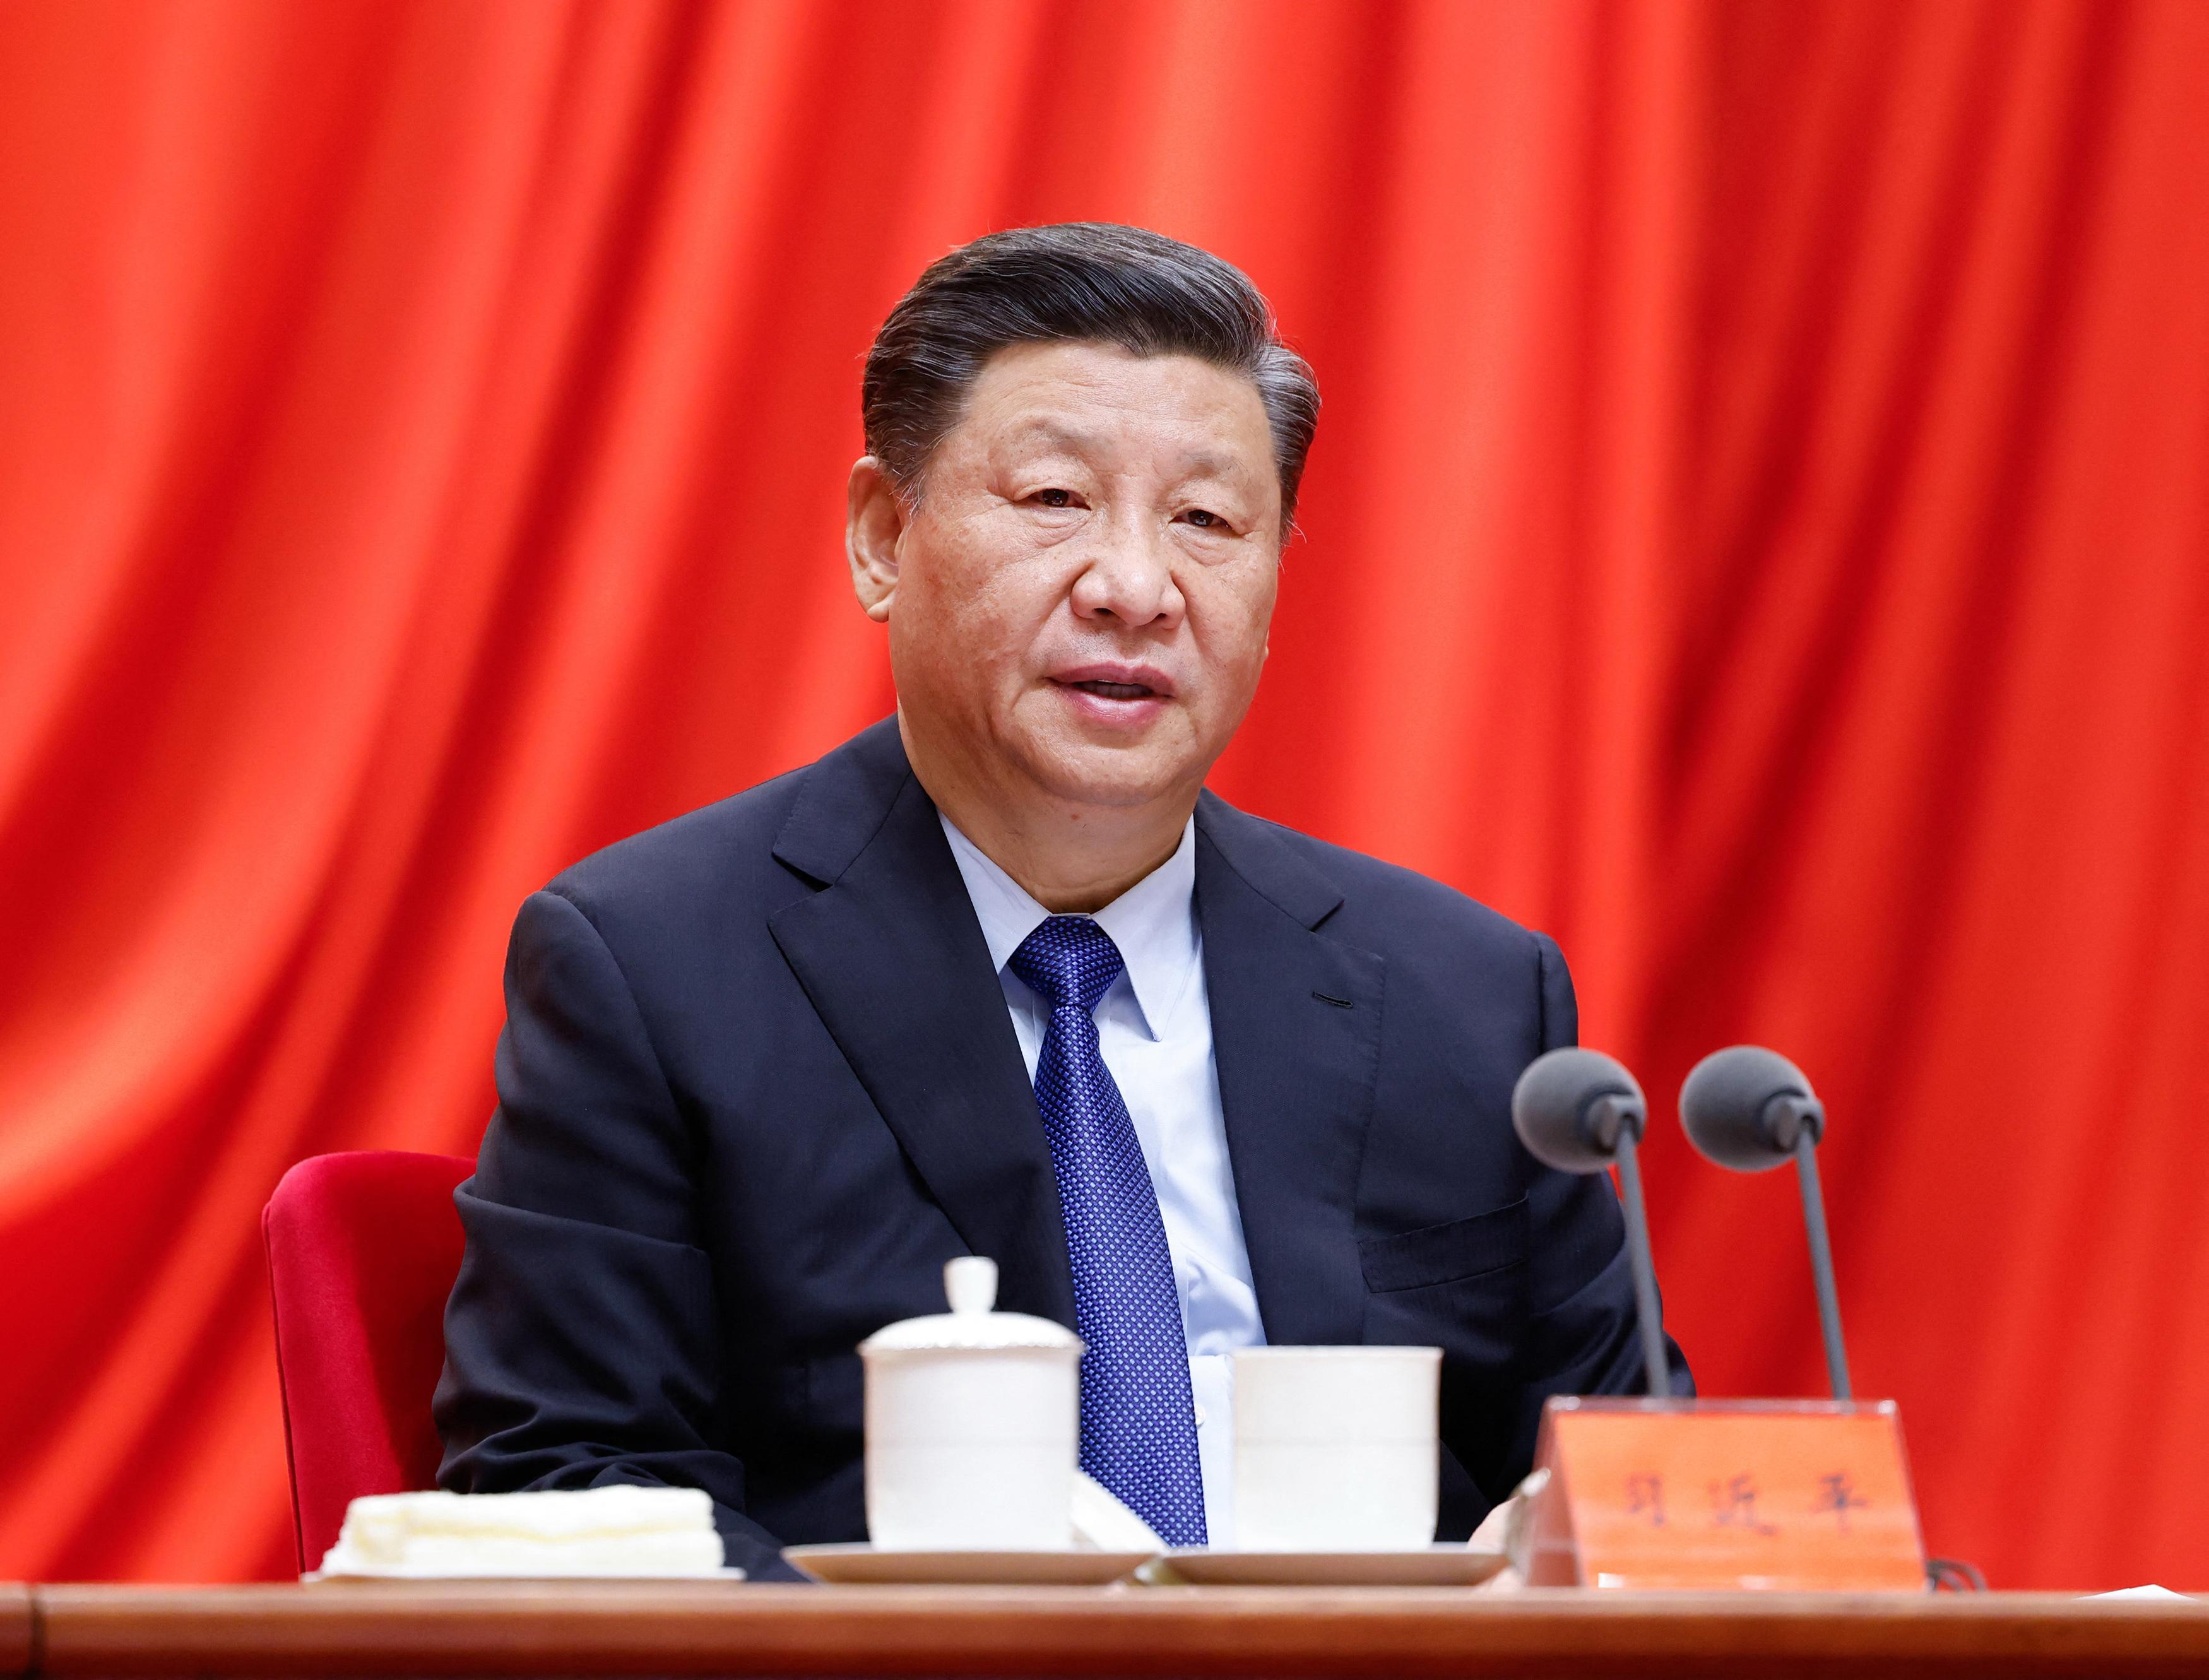 Ellenzéki miniszterelnök-jelöltek Hszi Csin-pingnek: Kínai hitelt, kösz nem